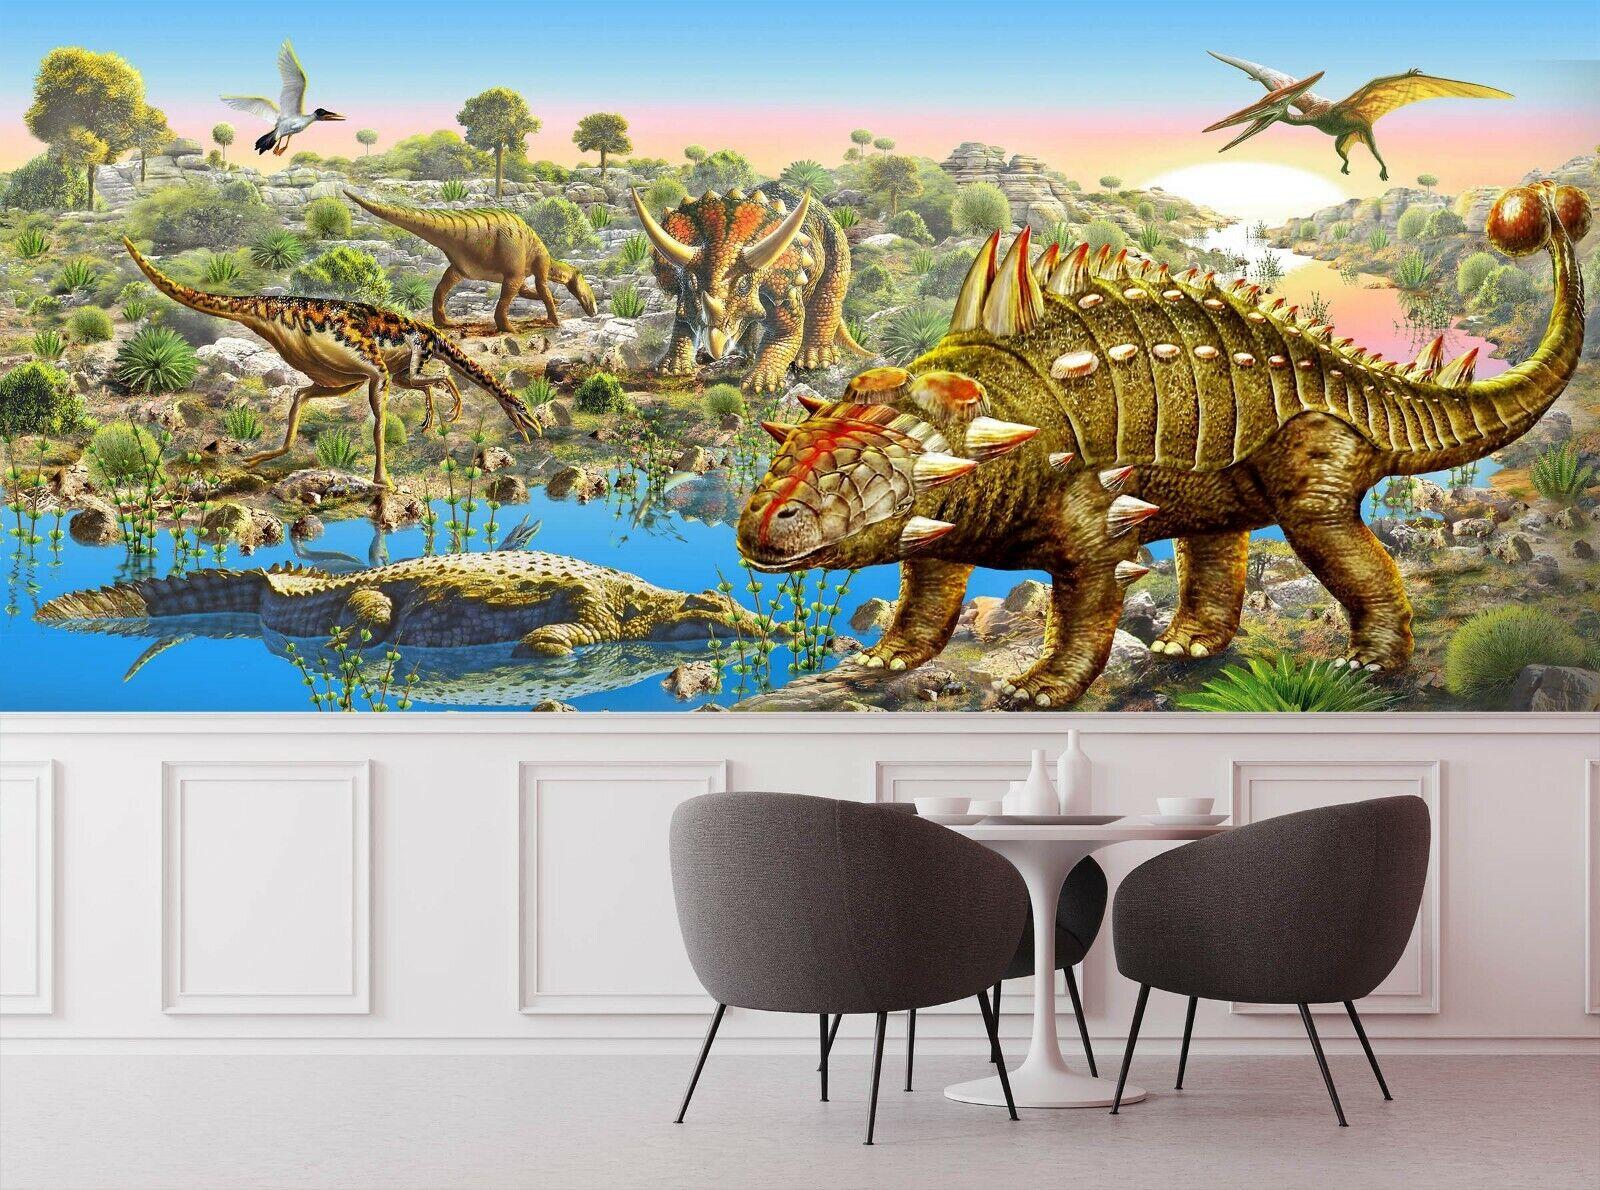 3D Dinosaur Lake N52 Wallpaper Wall Mural Self-adhesive Andrian Chesterman Su